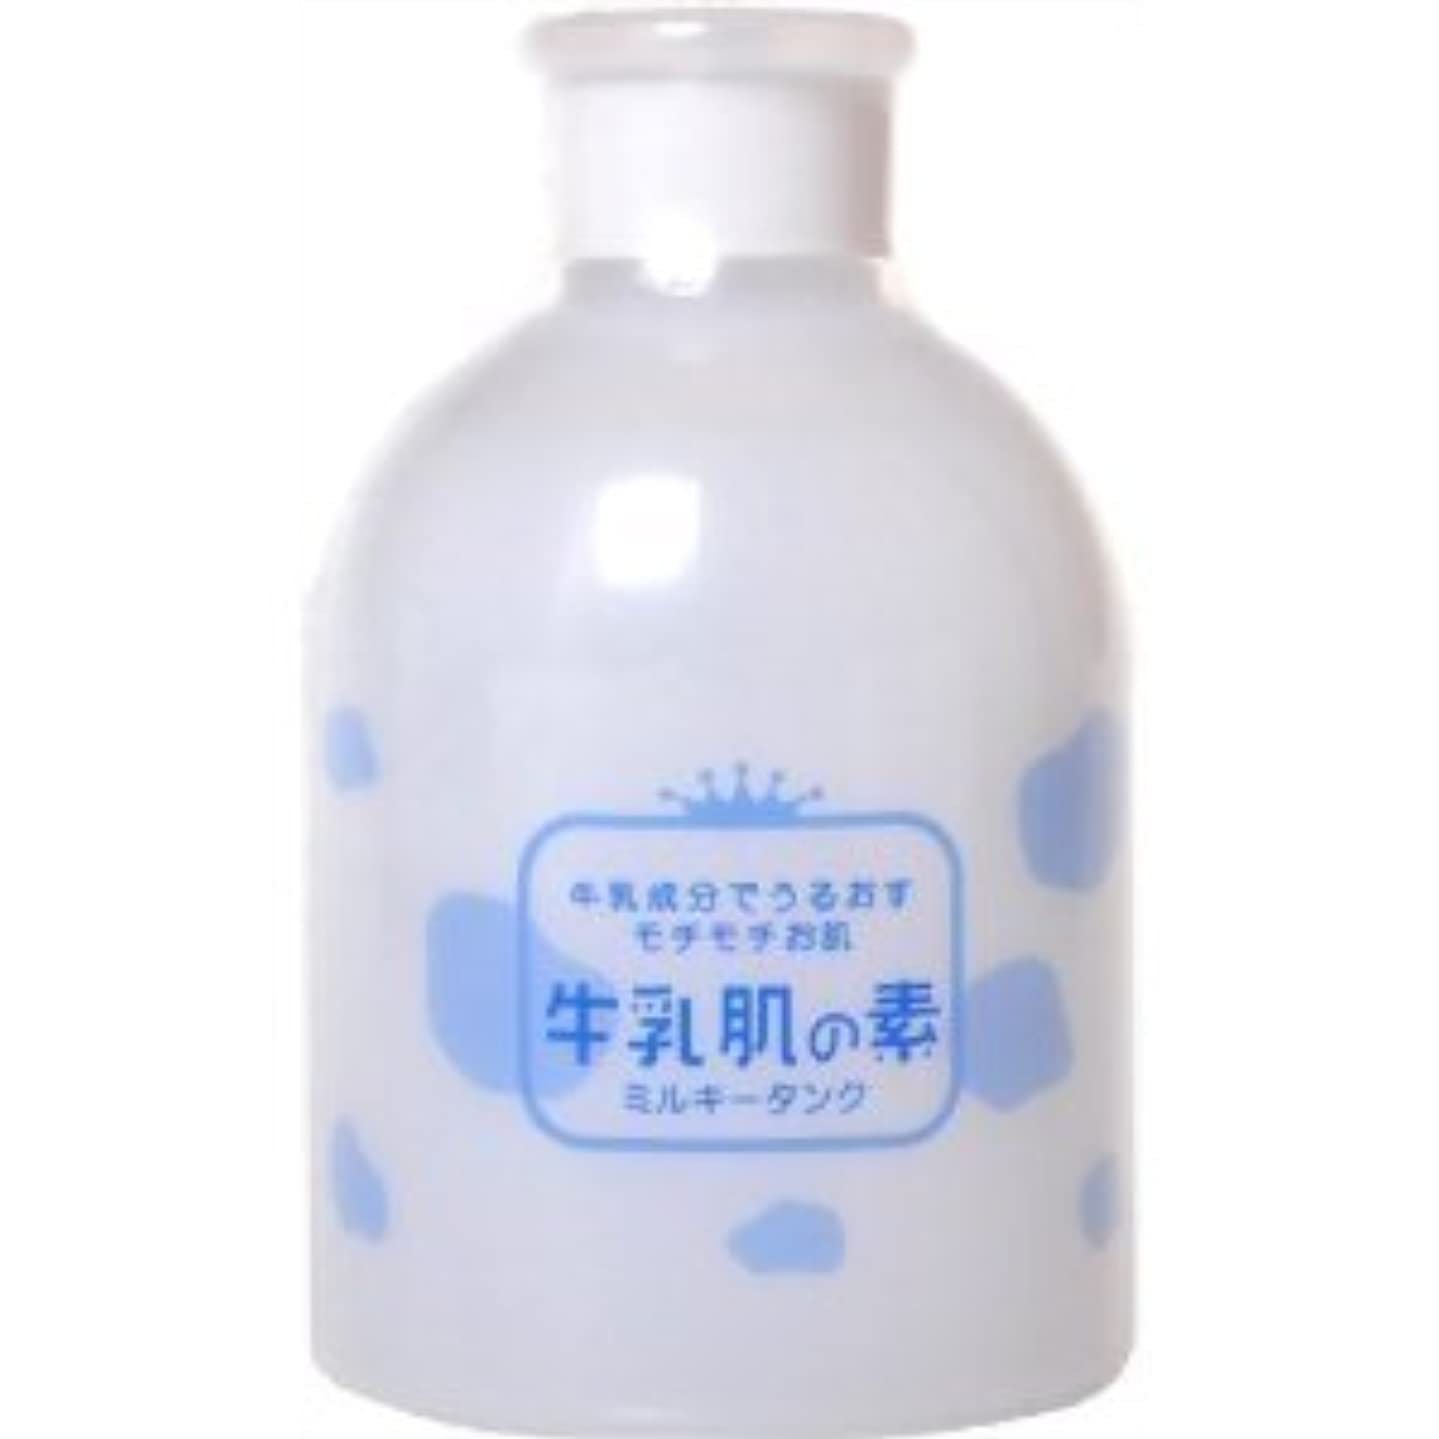 敬意を表して尊厳ヘッドレス牛乳肌の素 ミルキータンク(化粧水) 300ml×4個セット